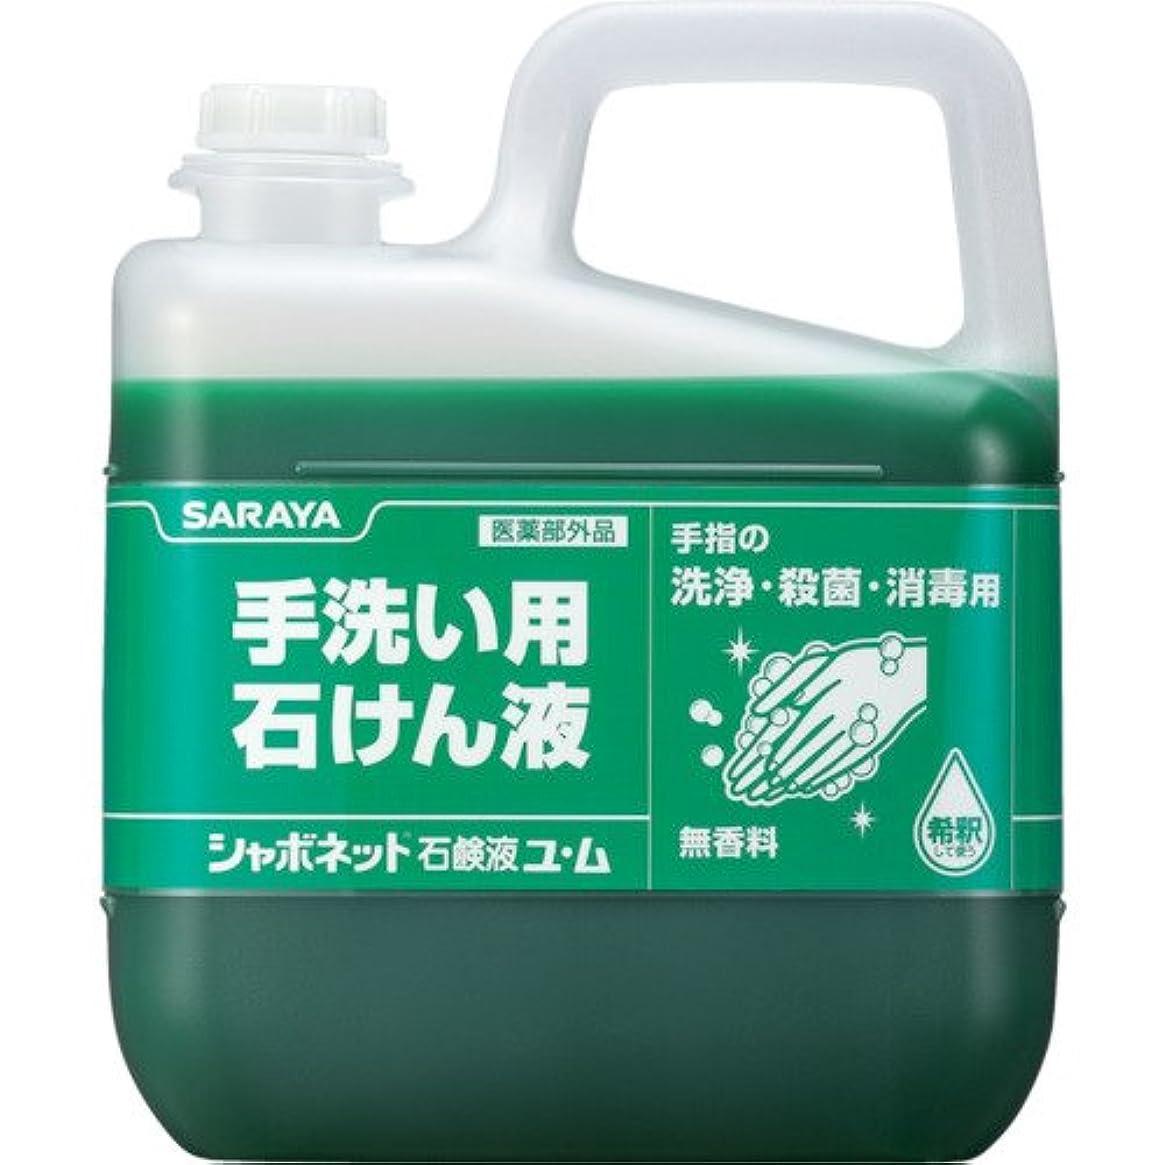 悲観的シンボル保安サラヤ ハンドソープ シャボネット石鹸液ユ?ム 5kg